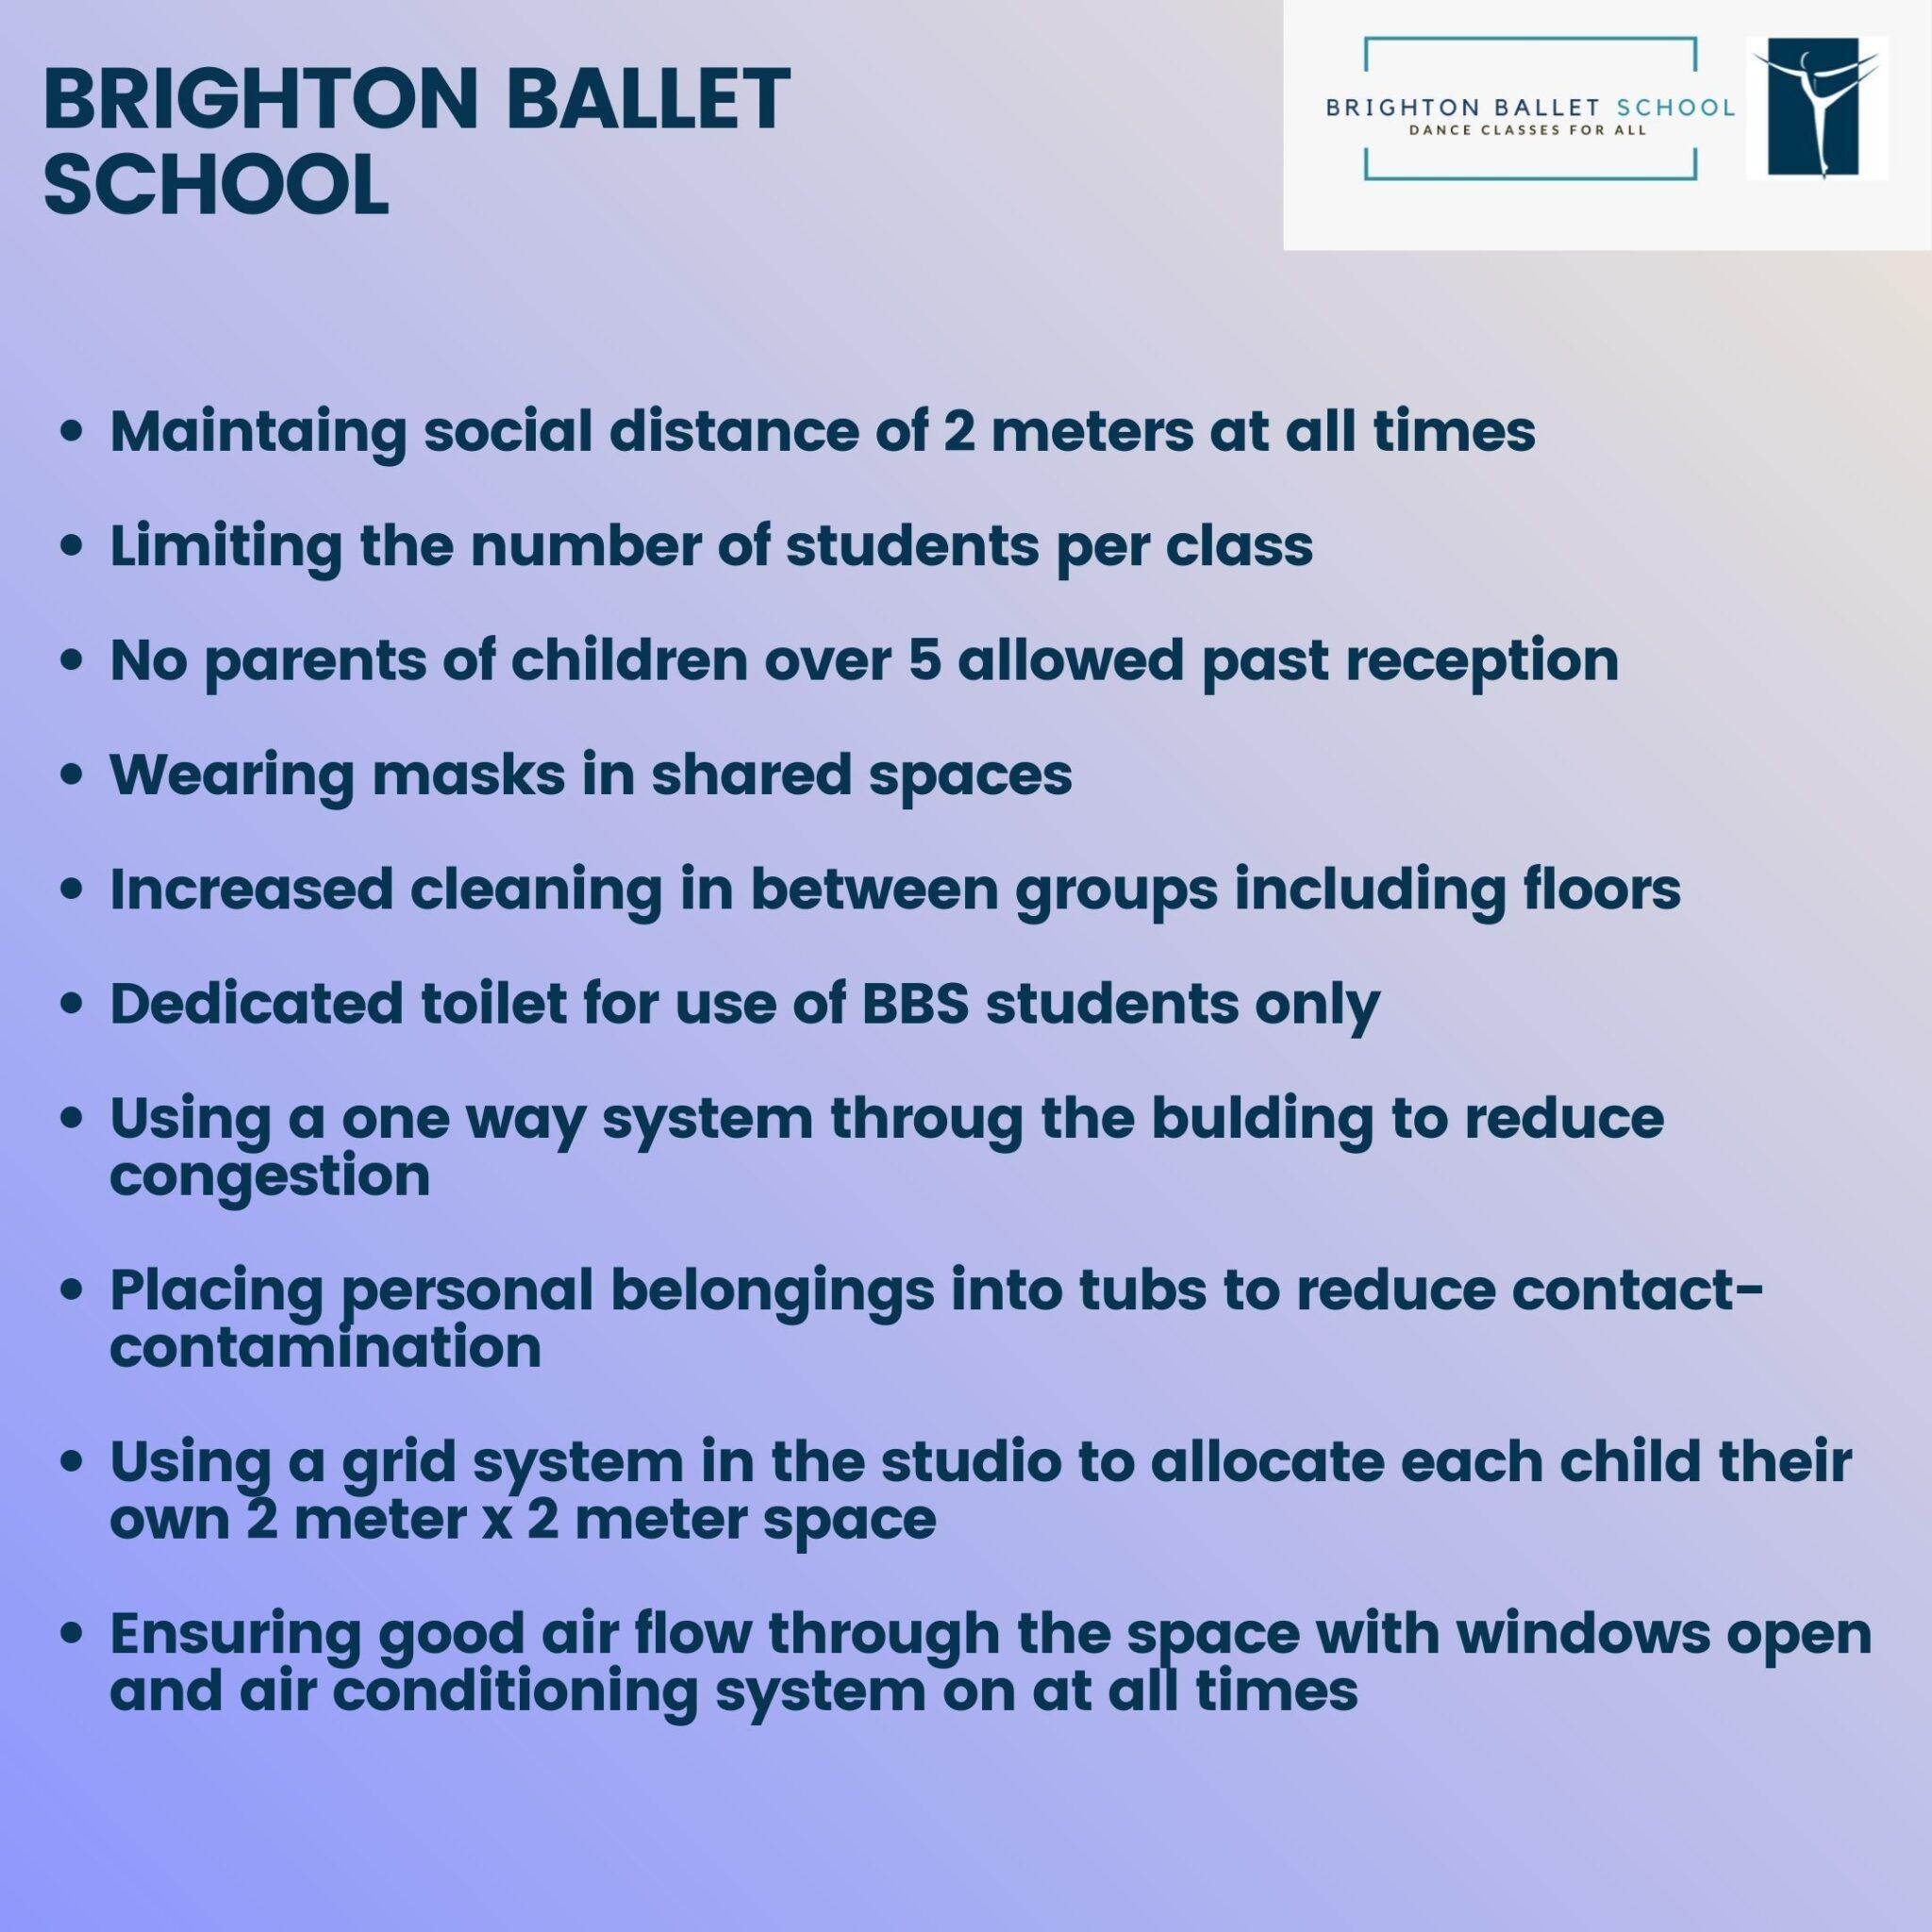 brighton ballet school covid secure measures